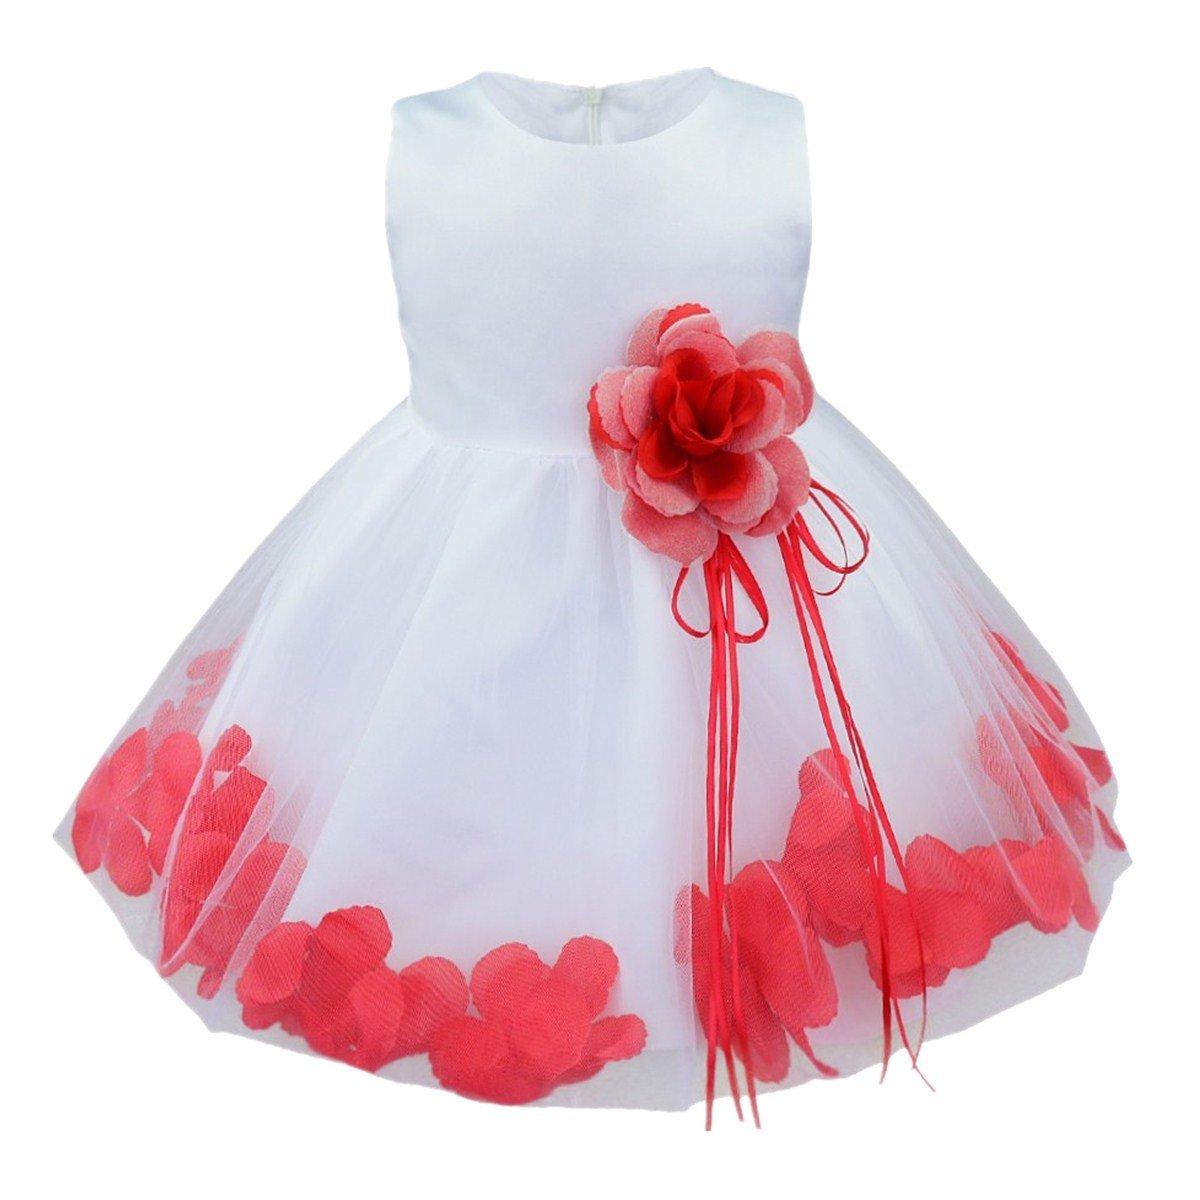 iiniim Süßes Baby Mädchen Kleid Festlich Kleid Blumenmädchenkleider Taufkleid Hochzeit Abendkleid Partykleid